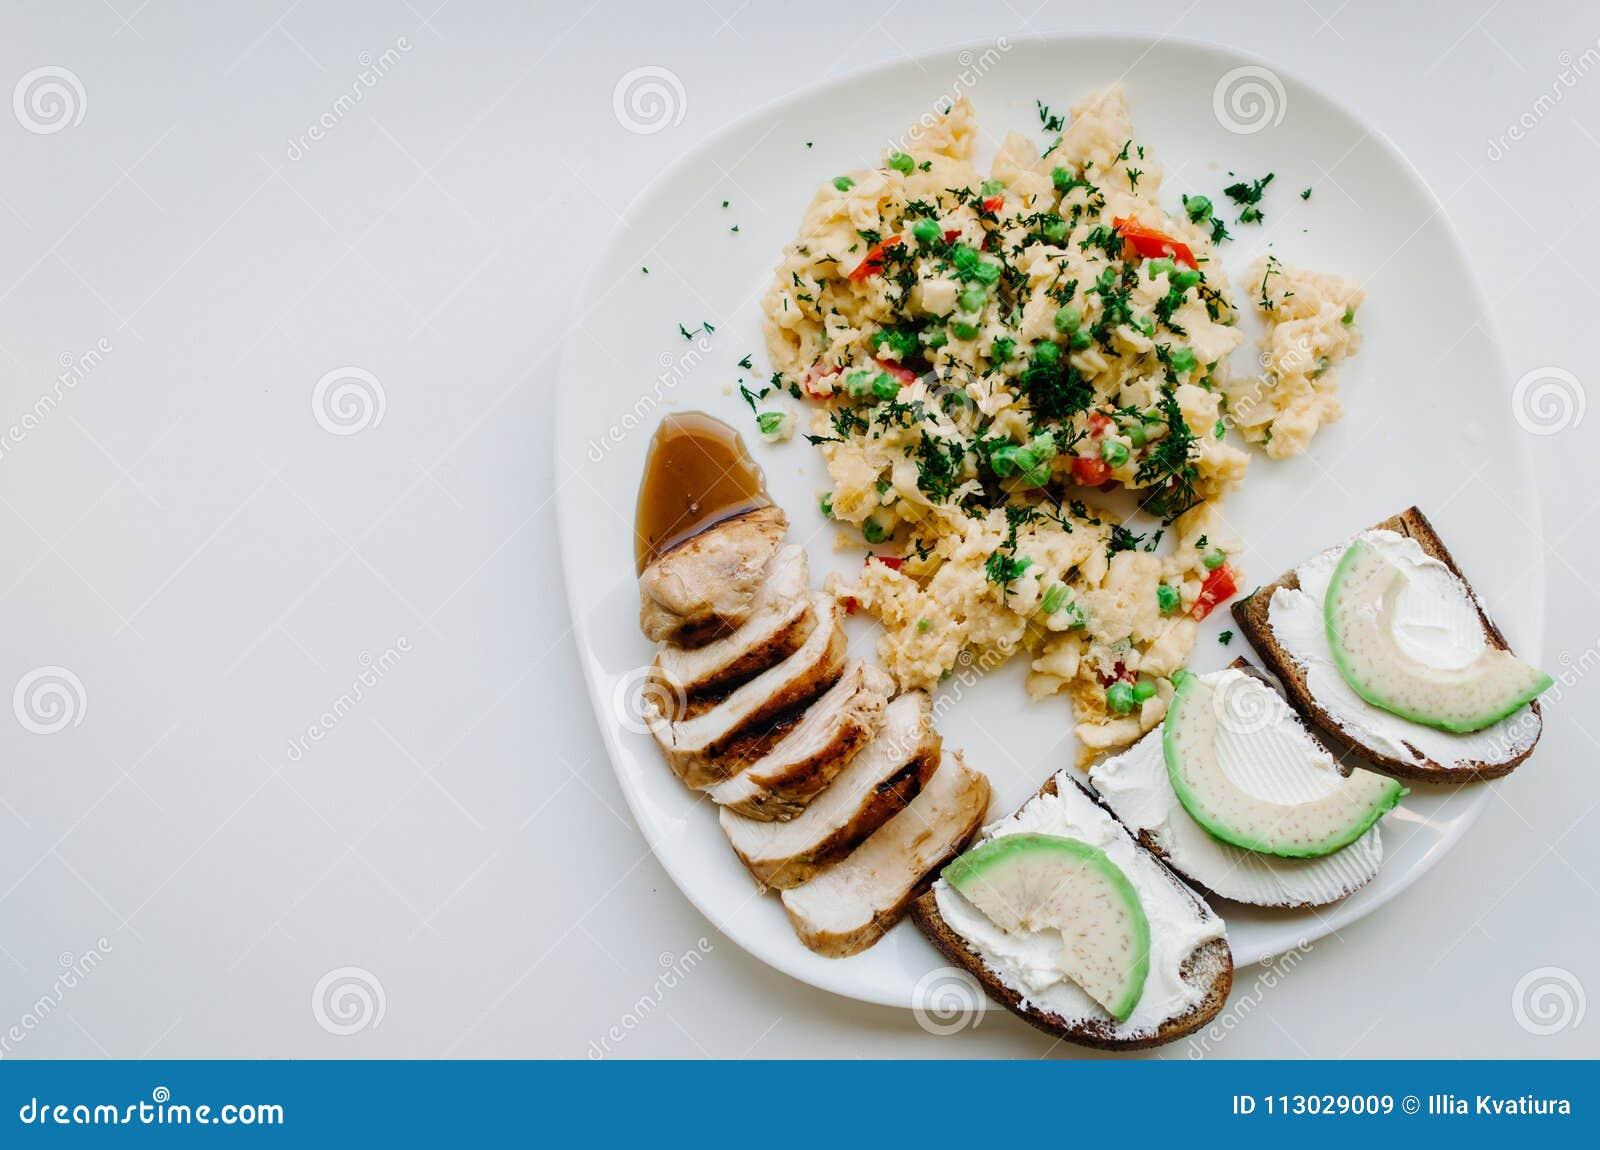 Placa con la comida en un fondo blanco